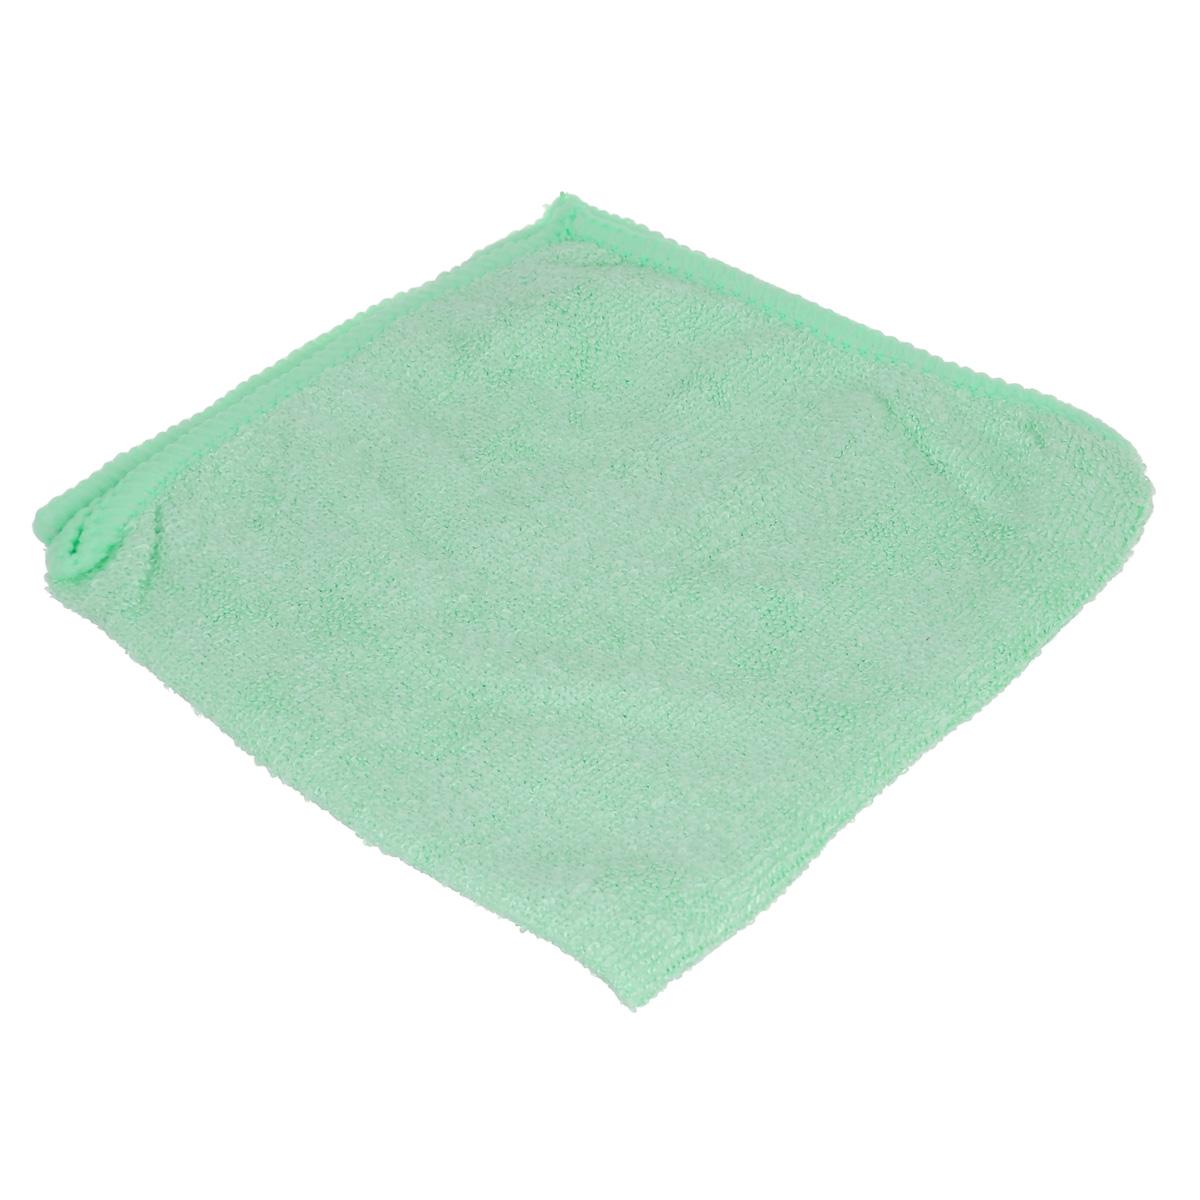 Салфетка для уборки Home Queen, цвет: салатовый, 30 х 30 см50304Салфетка Home Queen, изготовленная из полиамида и полиэфира, предназначена для очищения загрязнений на любых поверхностях. Изделие обладает высокой износоустойчивостью и рассчитано на многократное использование, легко моется в теплой воде с мягкими чистящими средствами. Супервпитывающая салфетка не оставляет разводов и ворсинок, удаляет большинство жирных и маслянистых загрязнений без использования химических средств. Размер салфетки: 30 см х 30 см. Материал: 30% полиамид, 70% полиэфир.